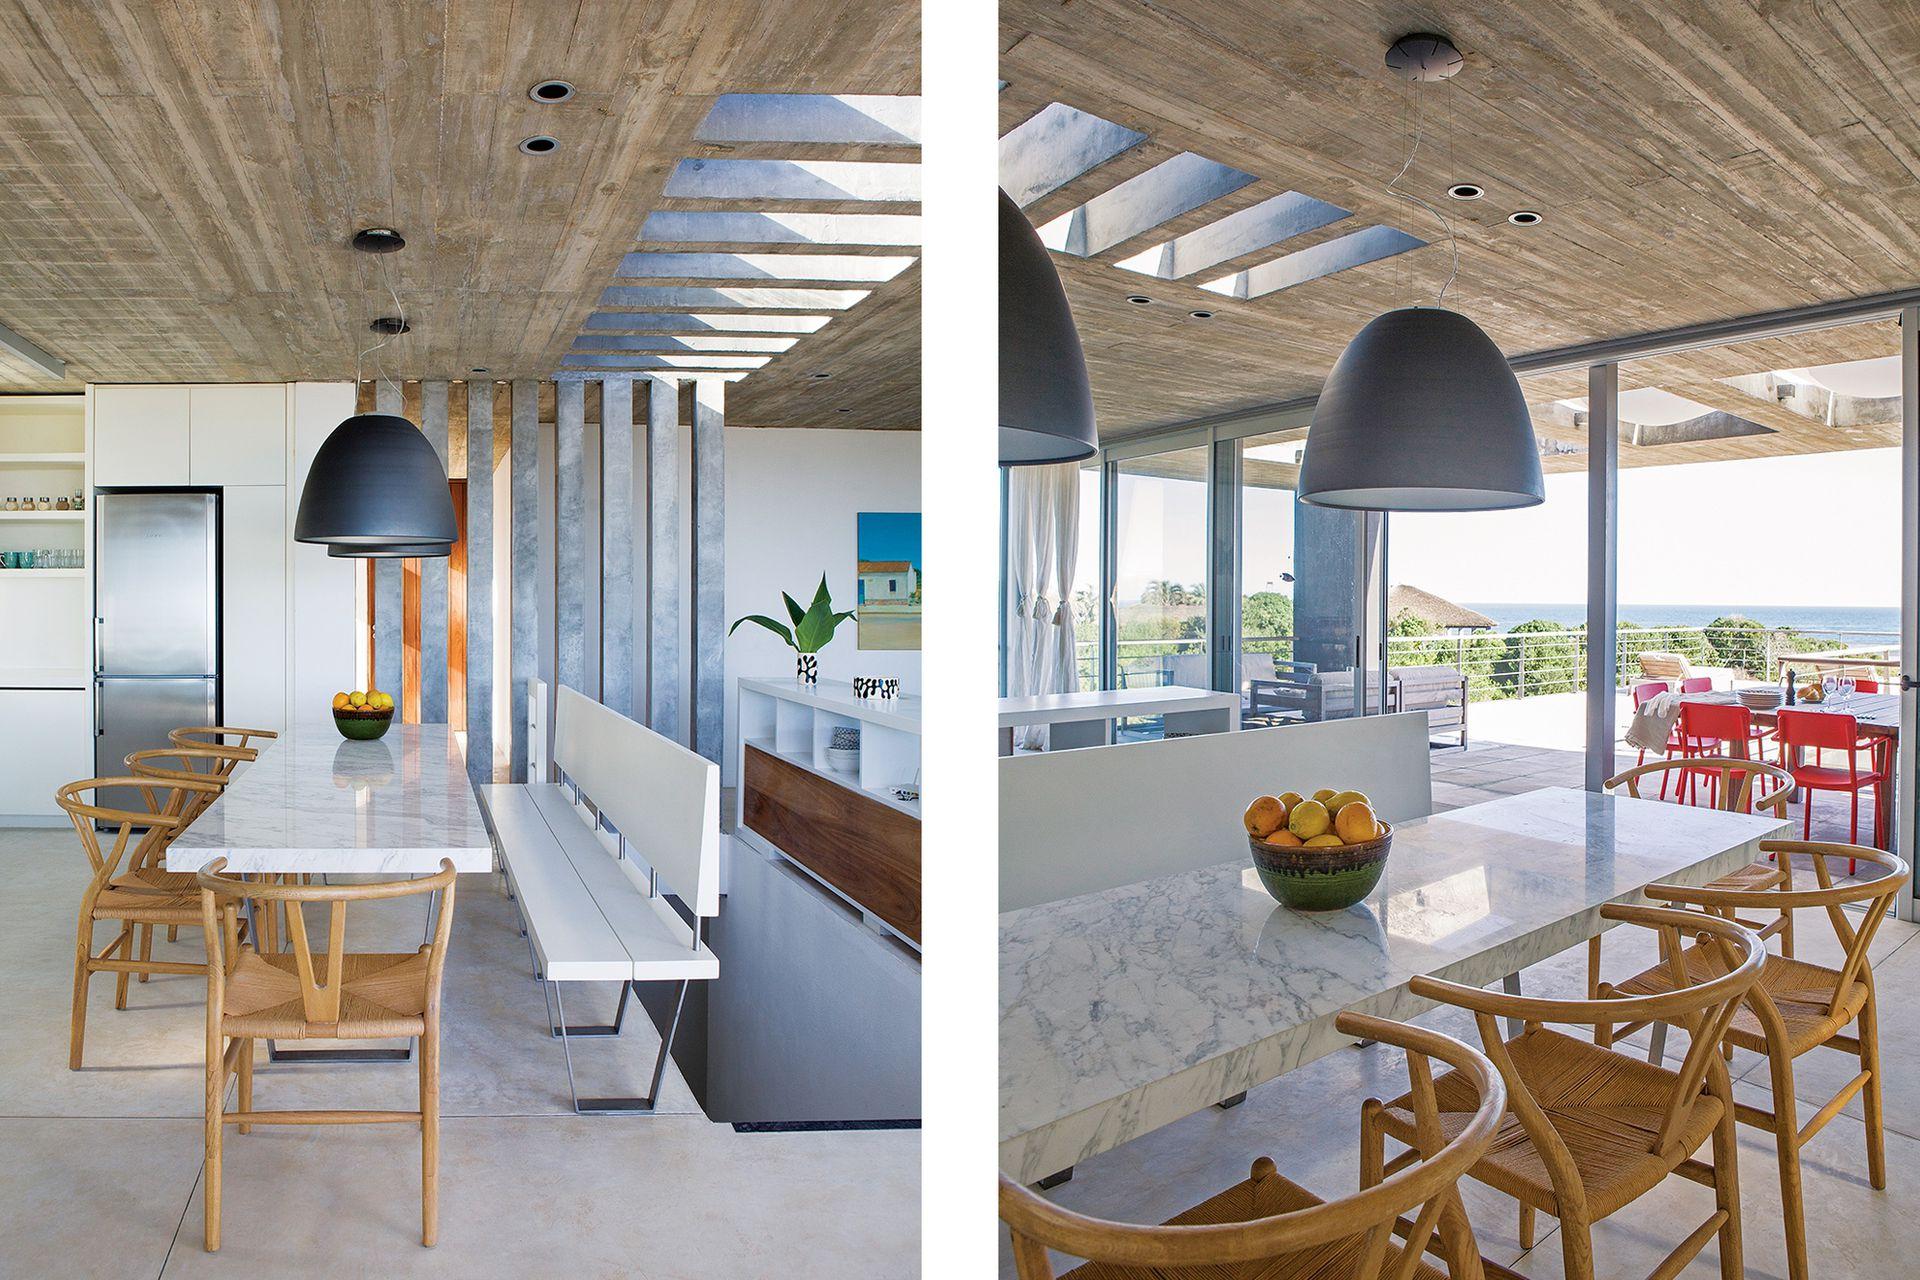 Mesa de mármol de Carrara (Laviere Vitacca) con sillas 'Wishbone' (Mad for Modern) y un banco laqueado que separa del ojo de la escalera. Los spots embutidos en la losa se complementan con lámparas que dan luz puntual y destacan la mesa de comedor.